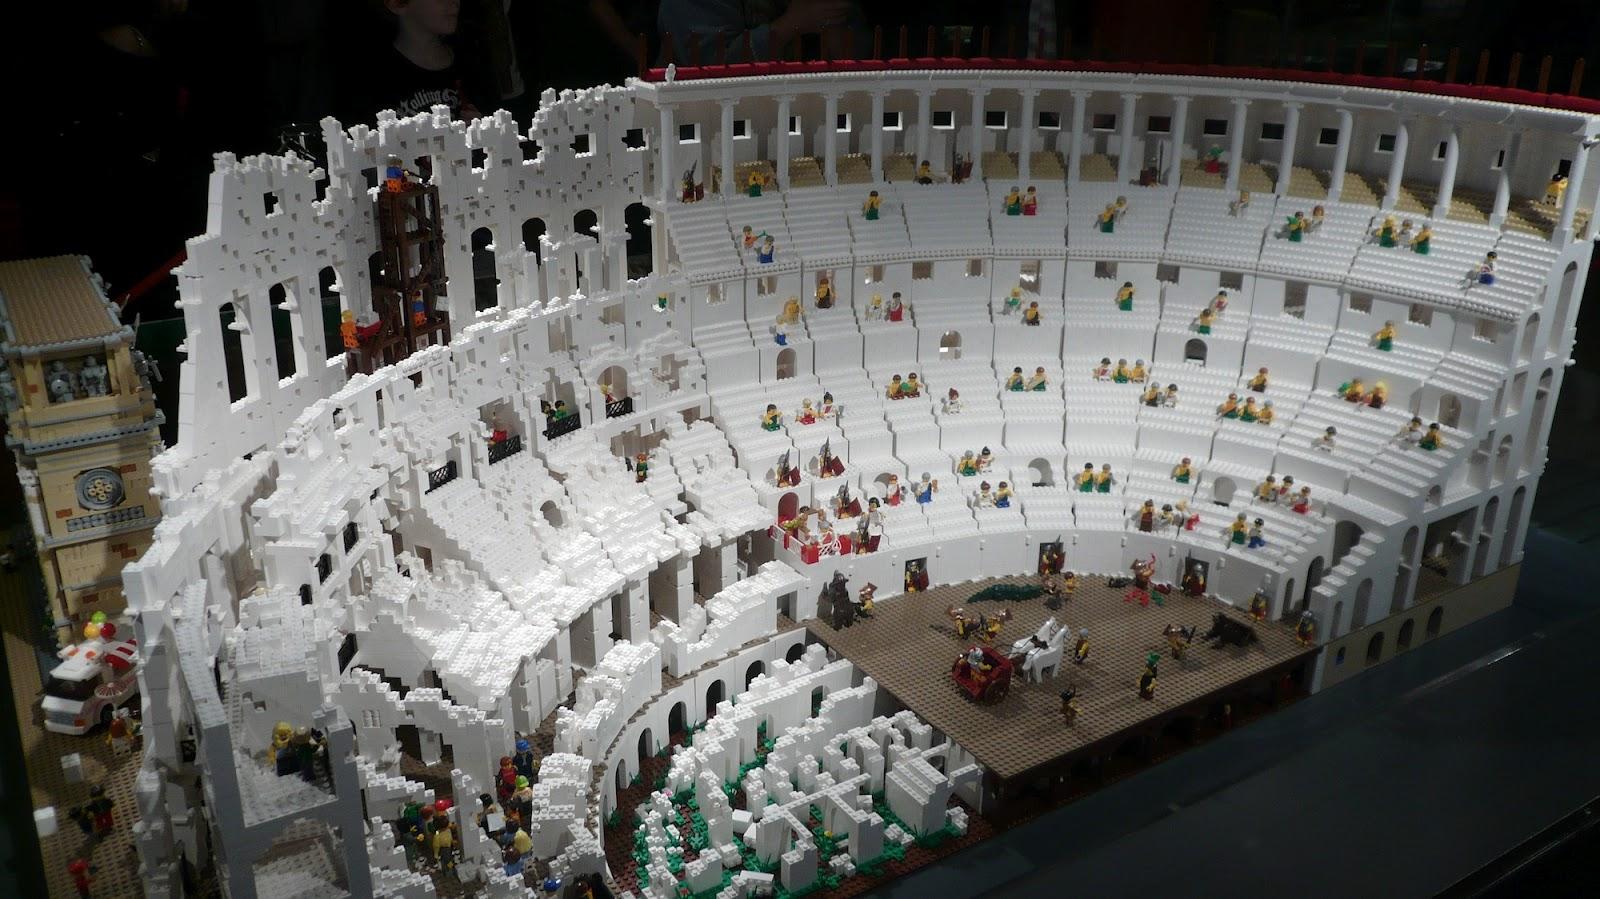 LEGO Colesseum